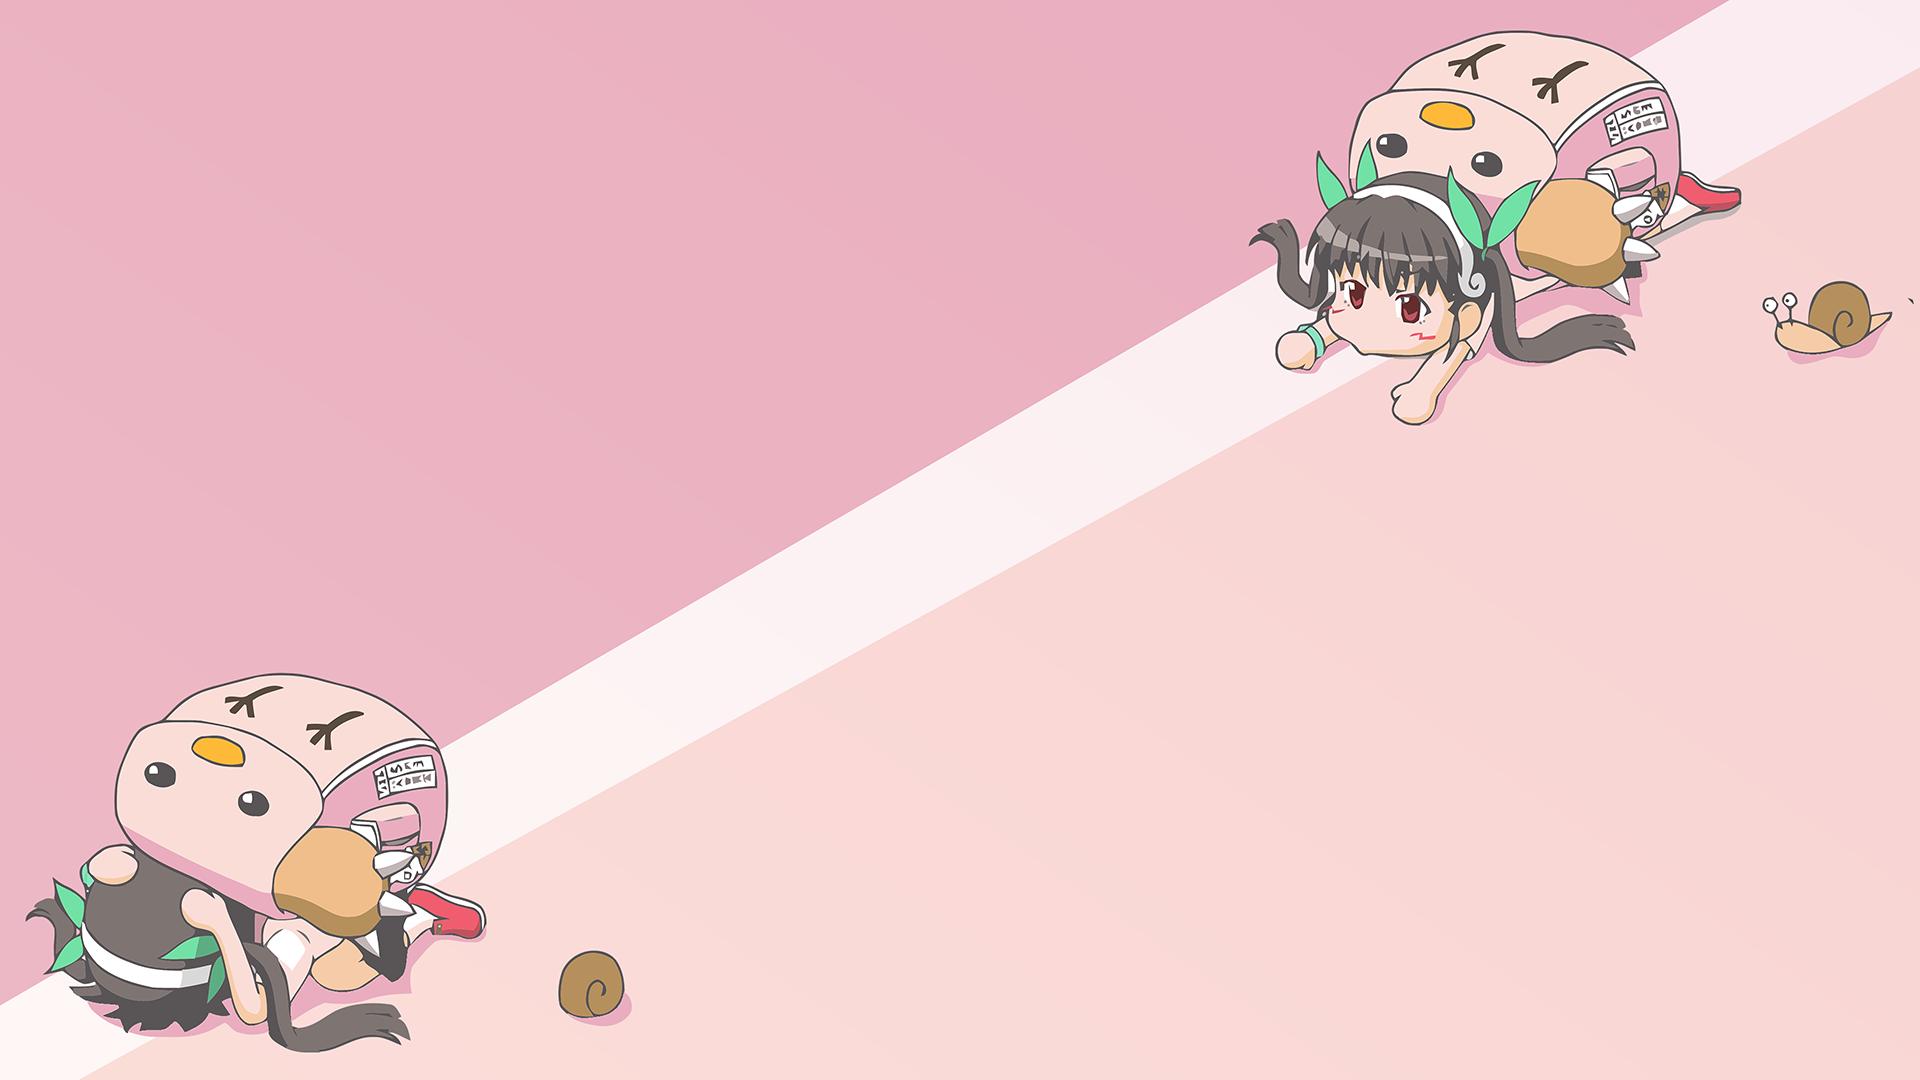 Sfondi illustrazione monogatari cartone animato hachikuji